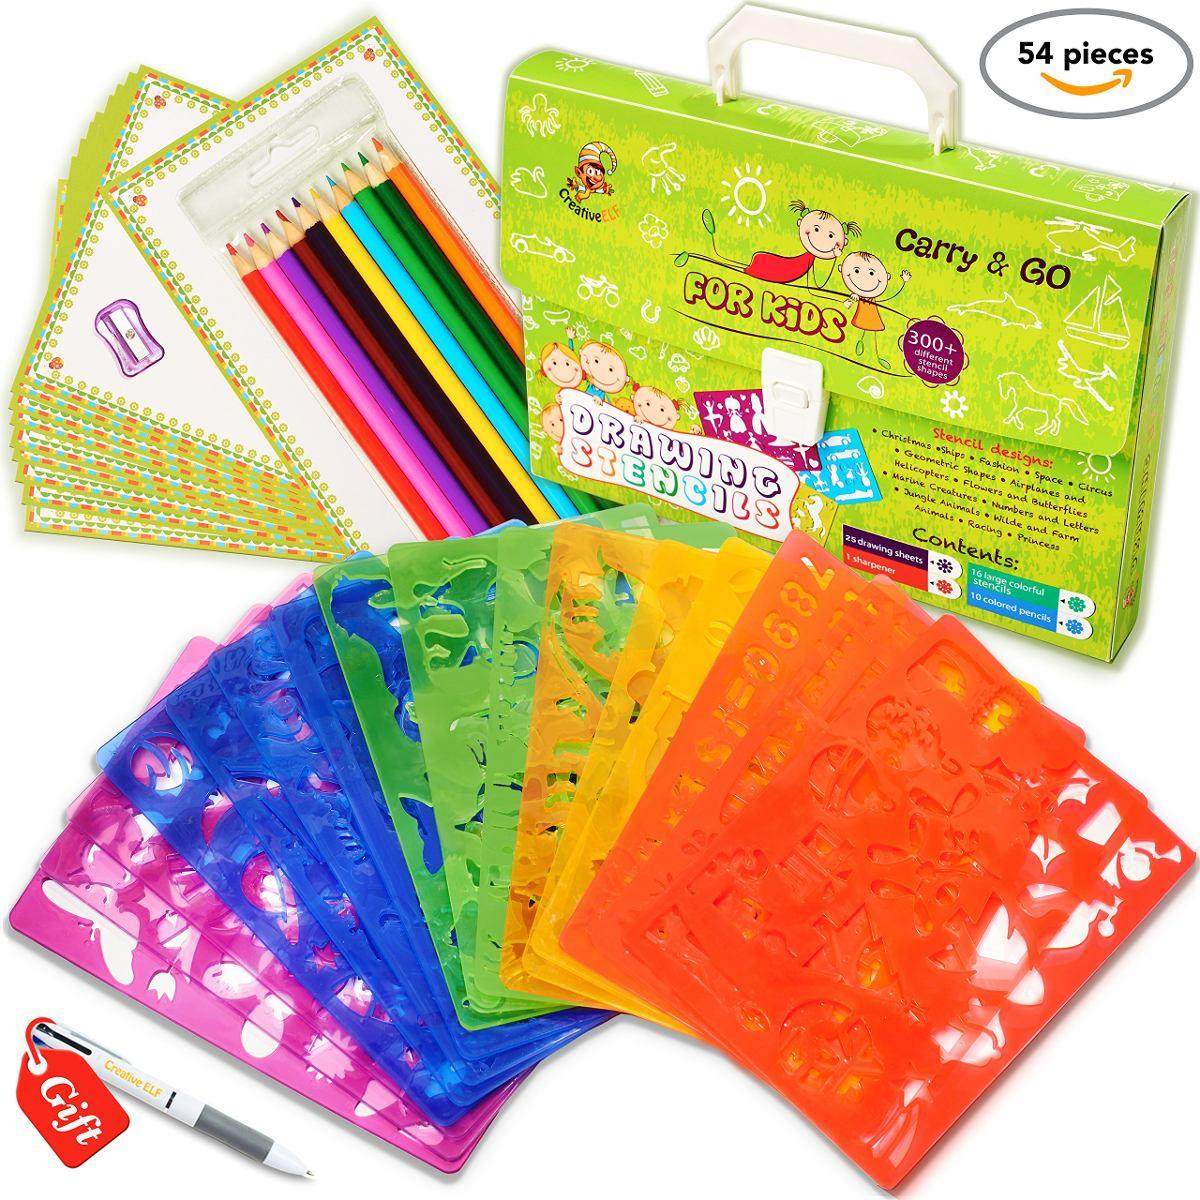 Conjunto De Plantillas De Dibujo Para Niños (49 Piezas) - - U$S 80 ...